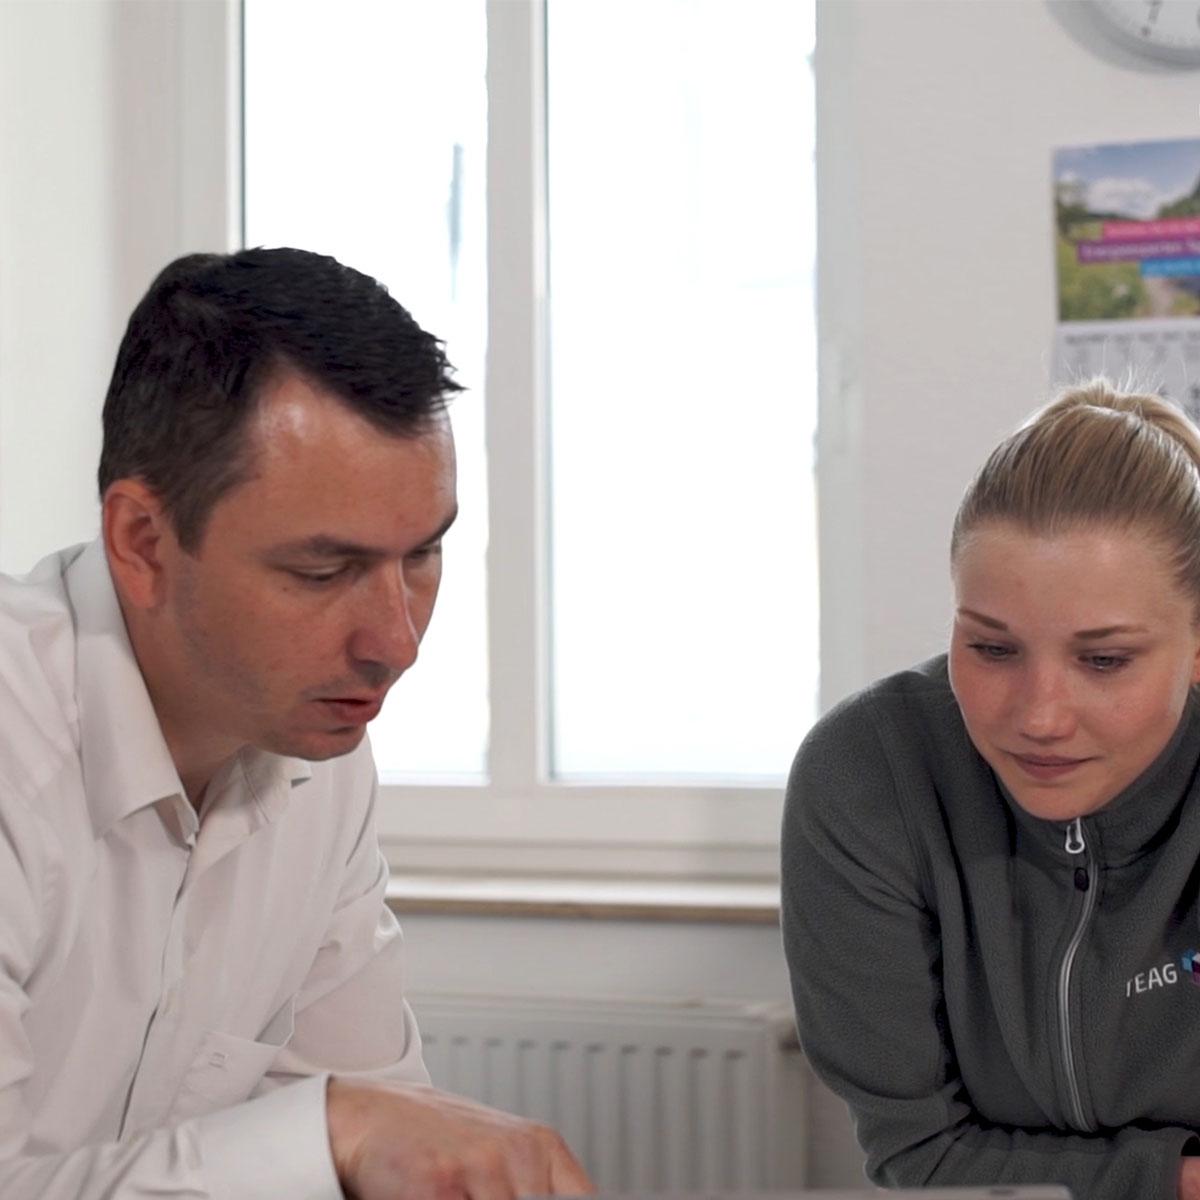 Außendienstmitarbeiter (m/w) für TEAG Energievertrieb